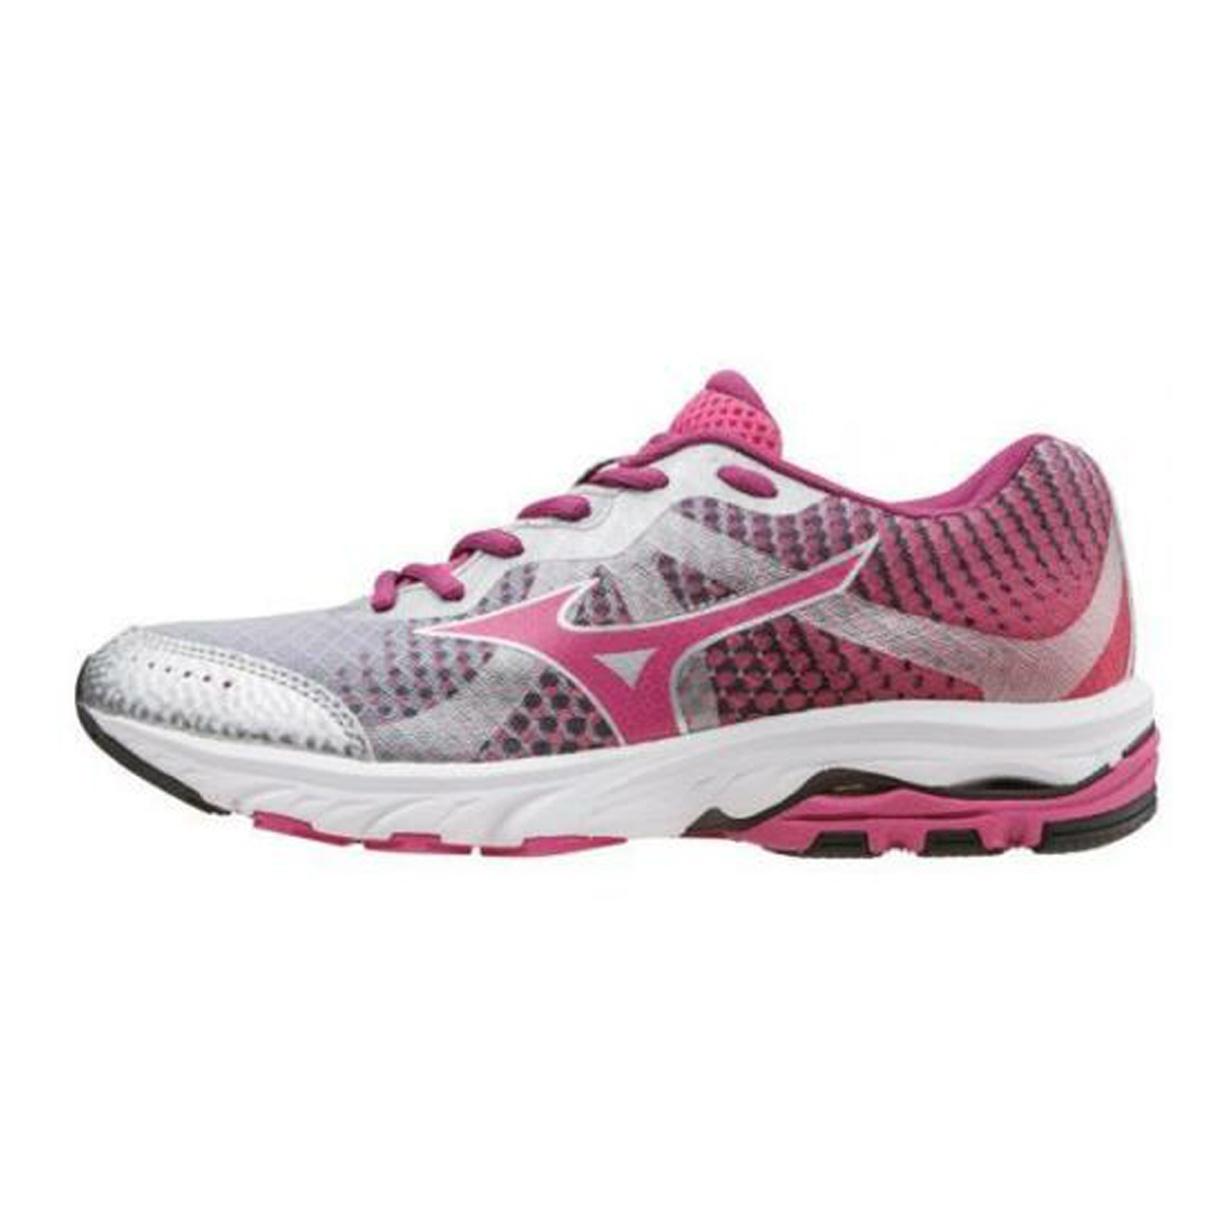 کفش مخصوص دویدن زنانه میزانو مدل WAVE ELEVATION22